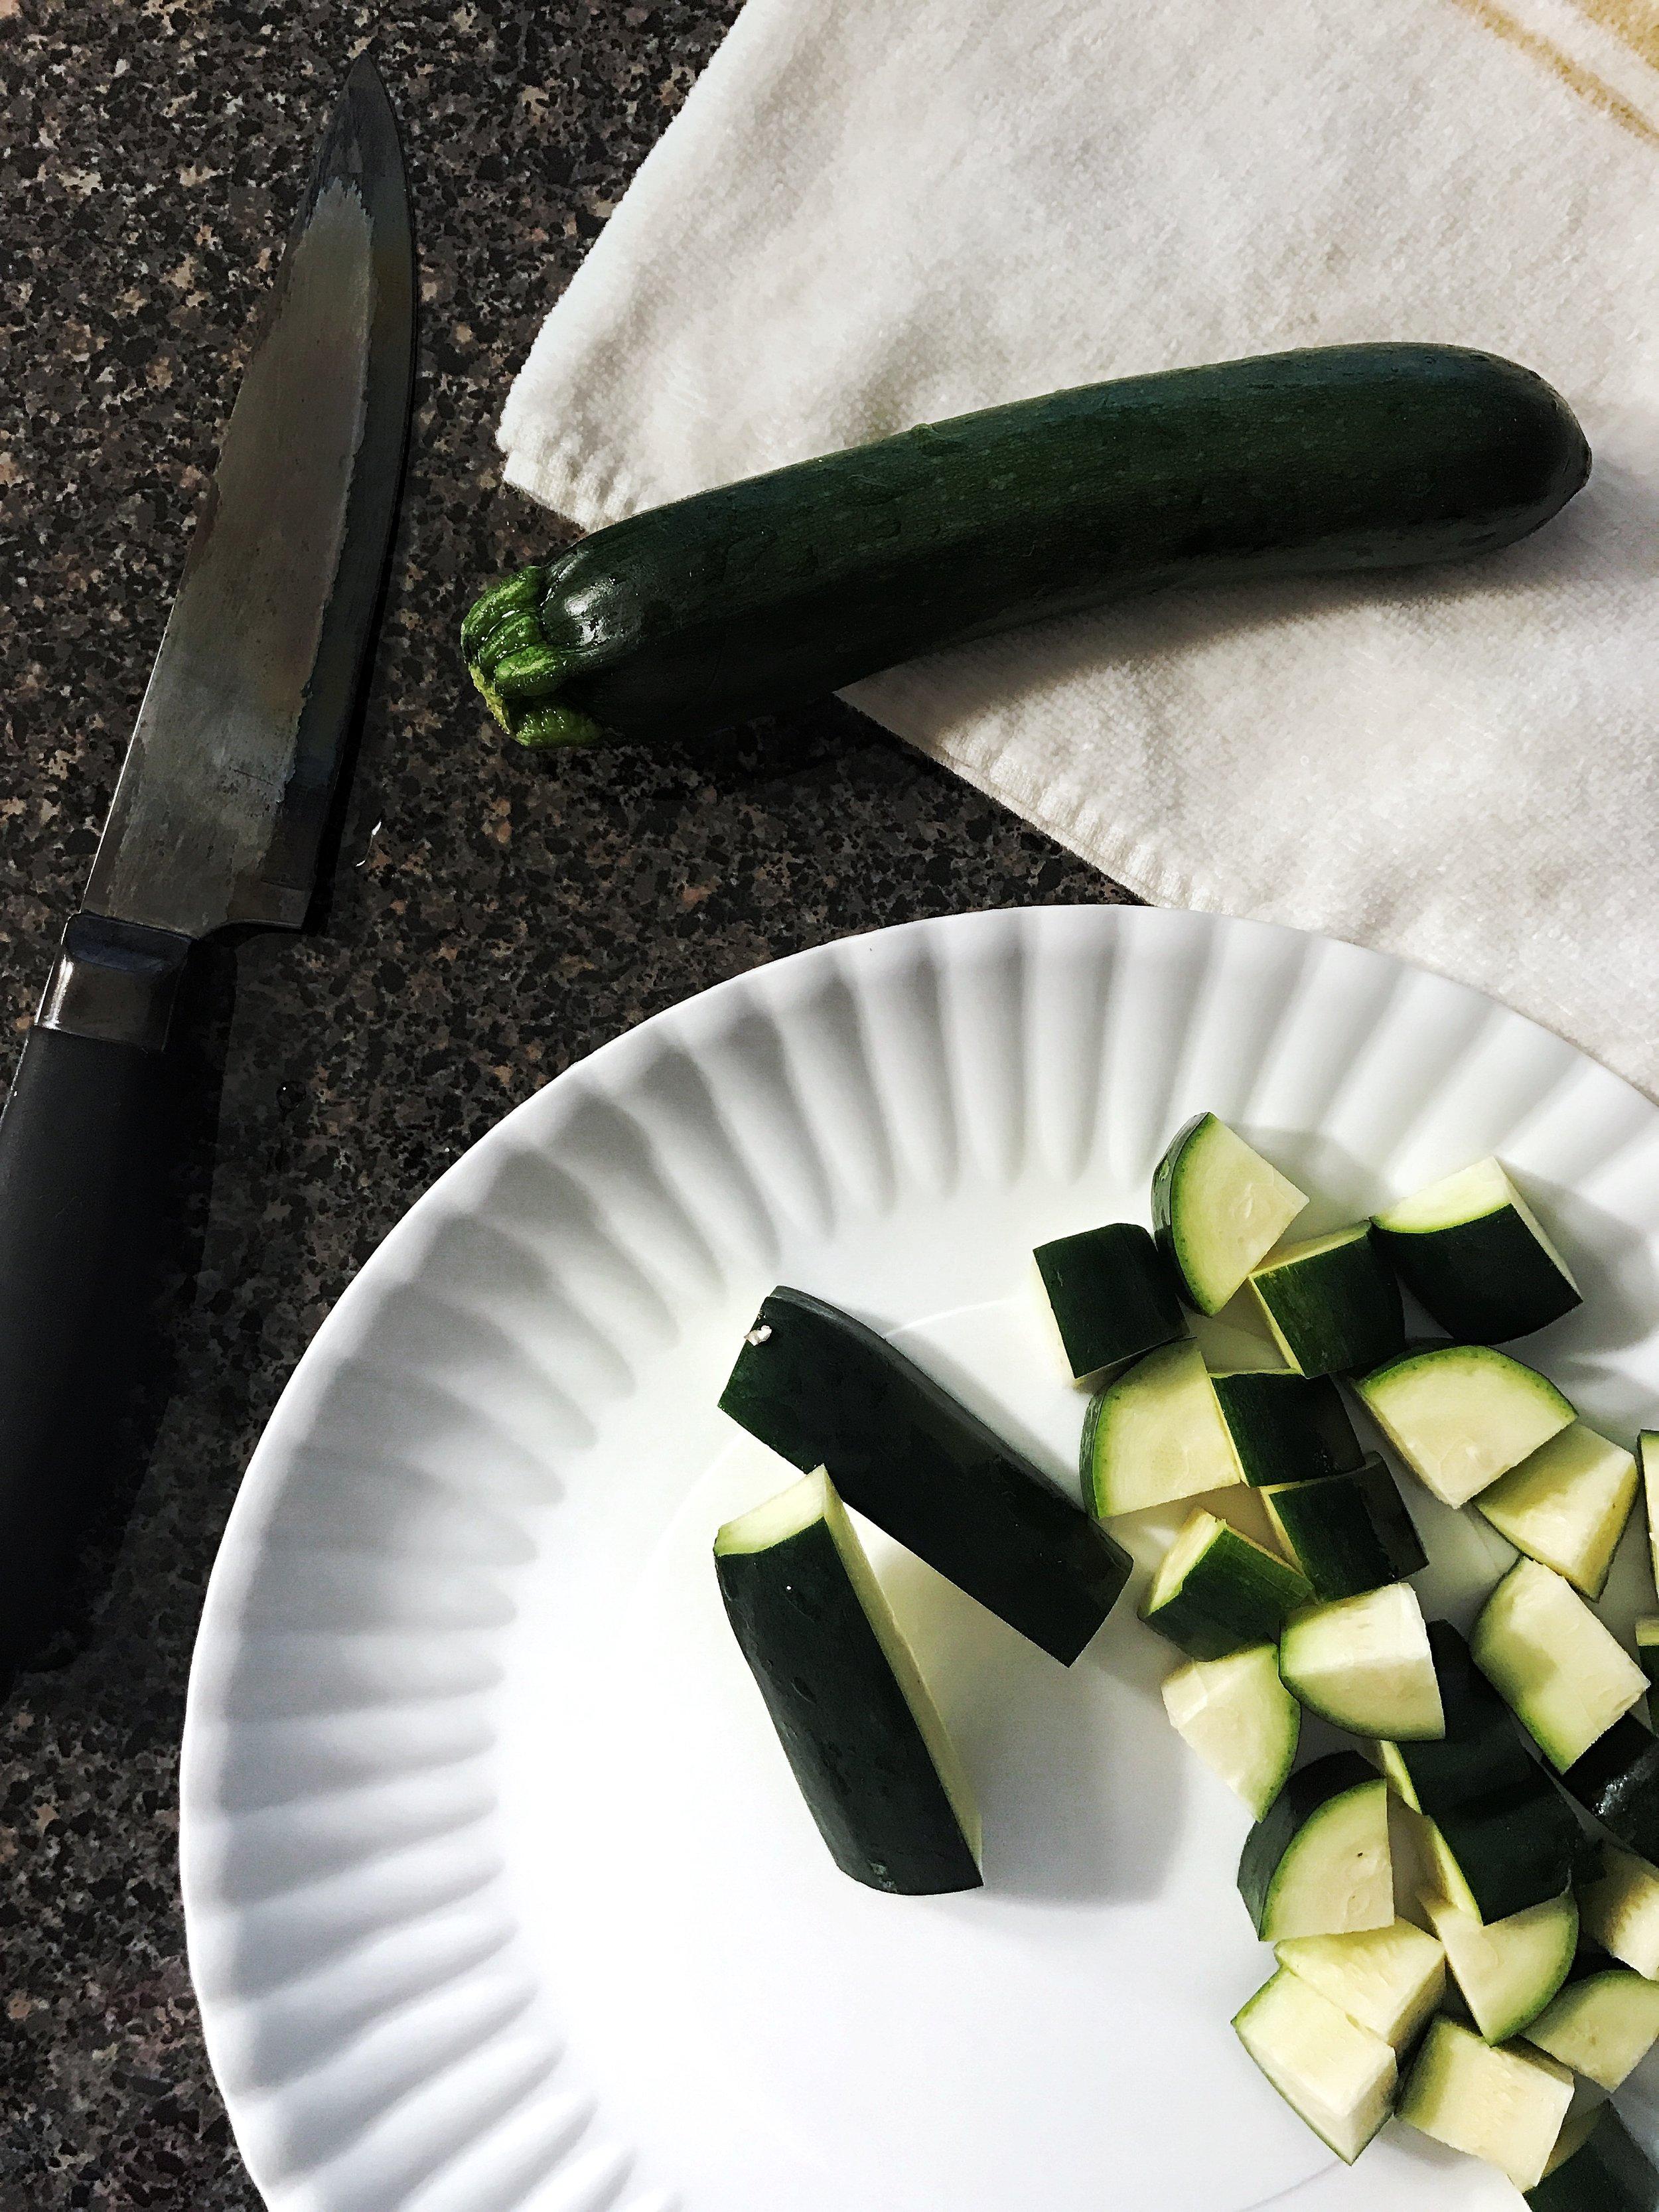 Zucchini_Amanda_Kaplan.jpg